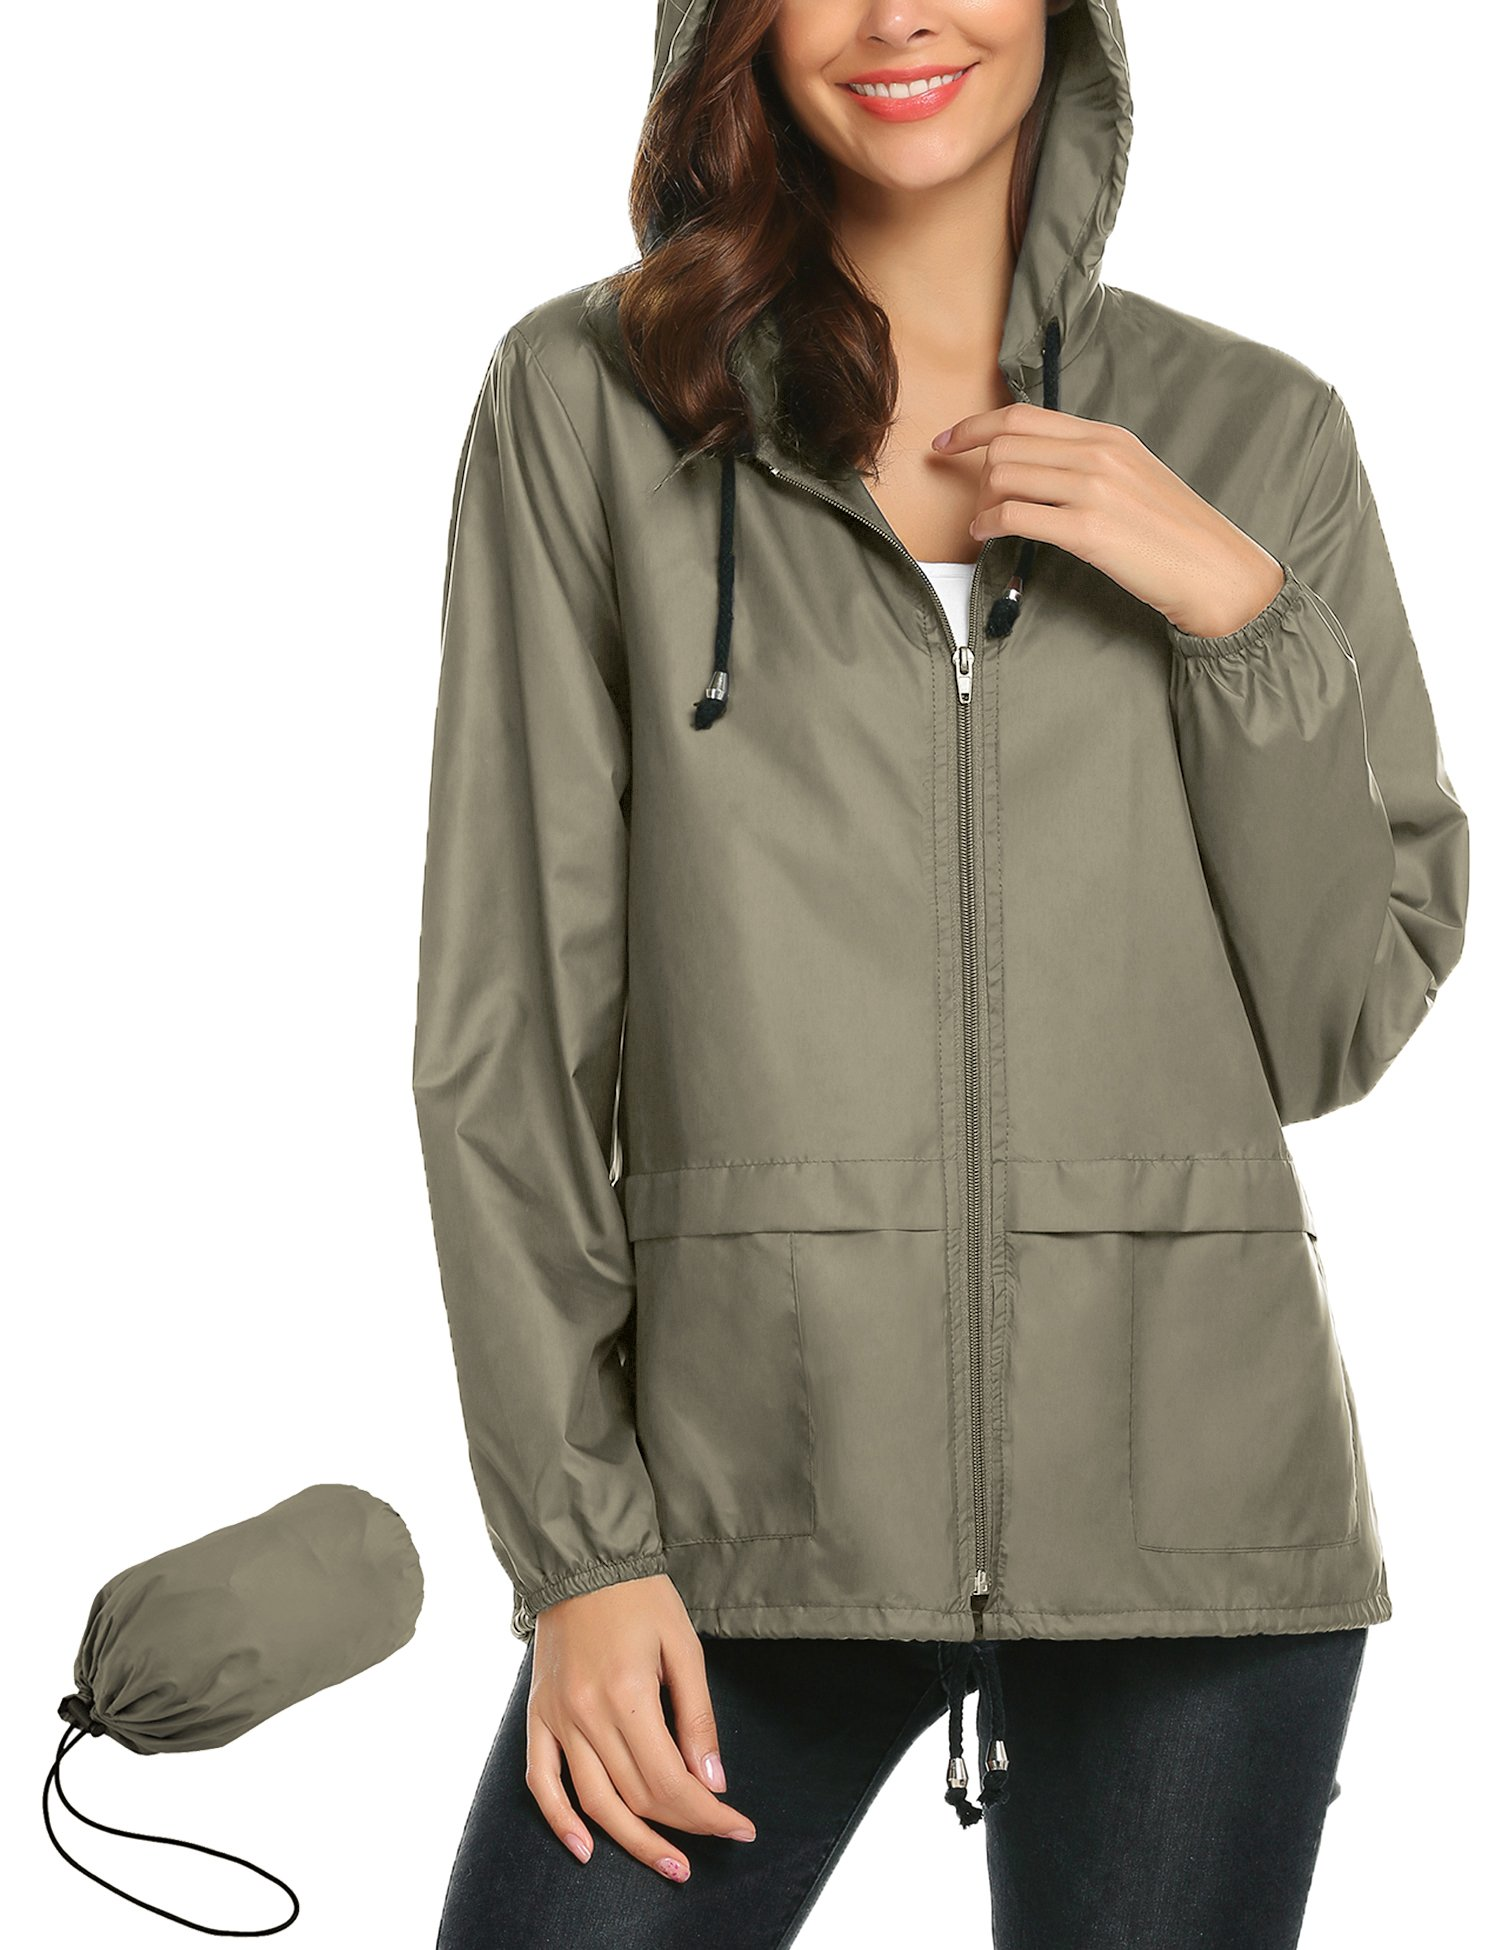 Lightweight Waterproof Raincoat For Women Windbreaker Packable Outdoor Hooded Rain Jacket (M, Army Green)